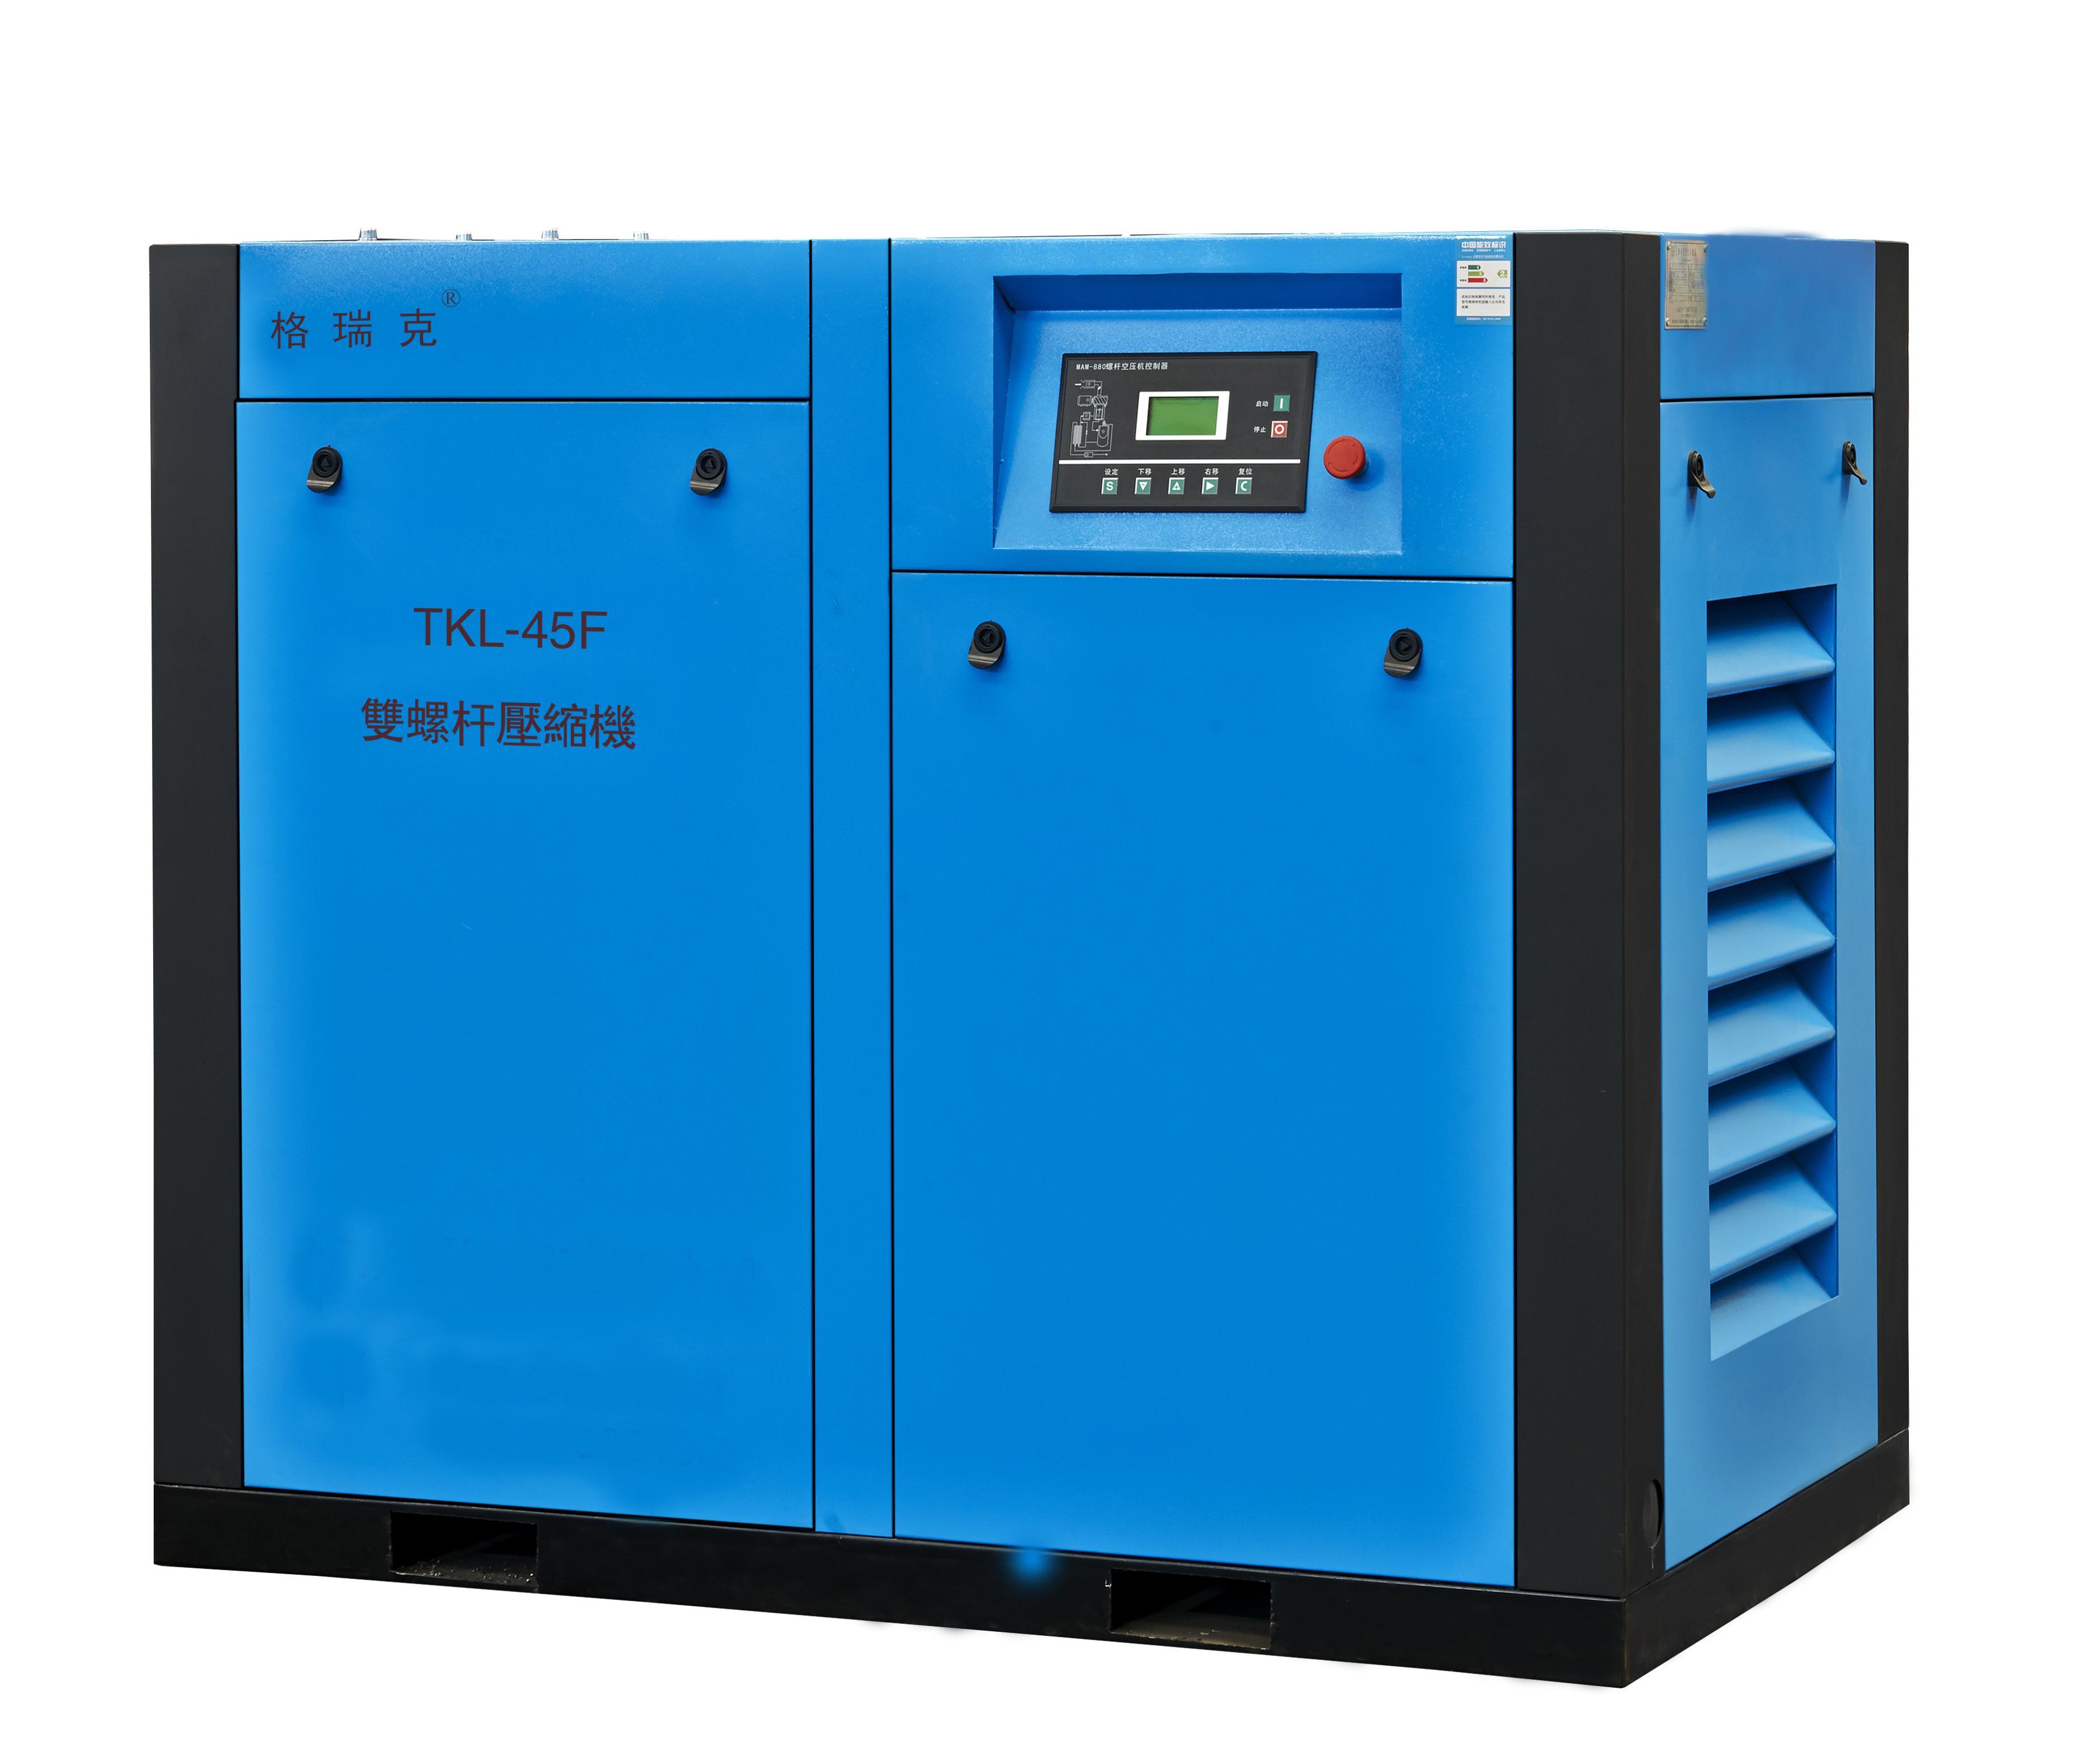 陕西|西安|渭南|咸阳|双级永磁变频压缩机TKLYC-18F-Ⅱ